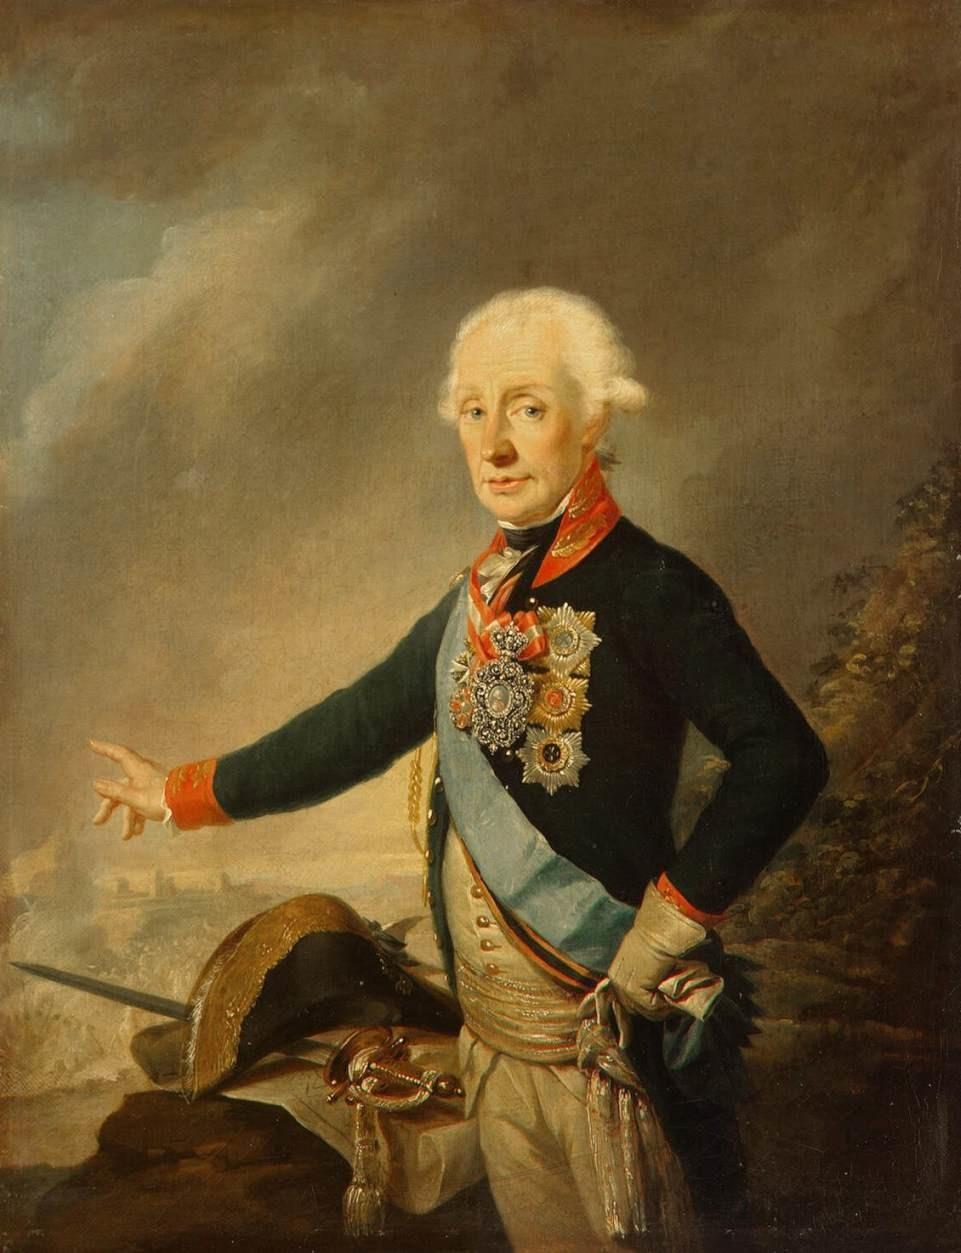 Il comandante militare Aleksandr Suvorov